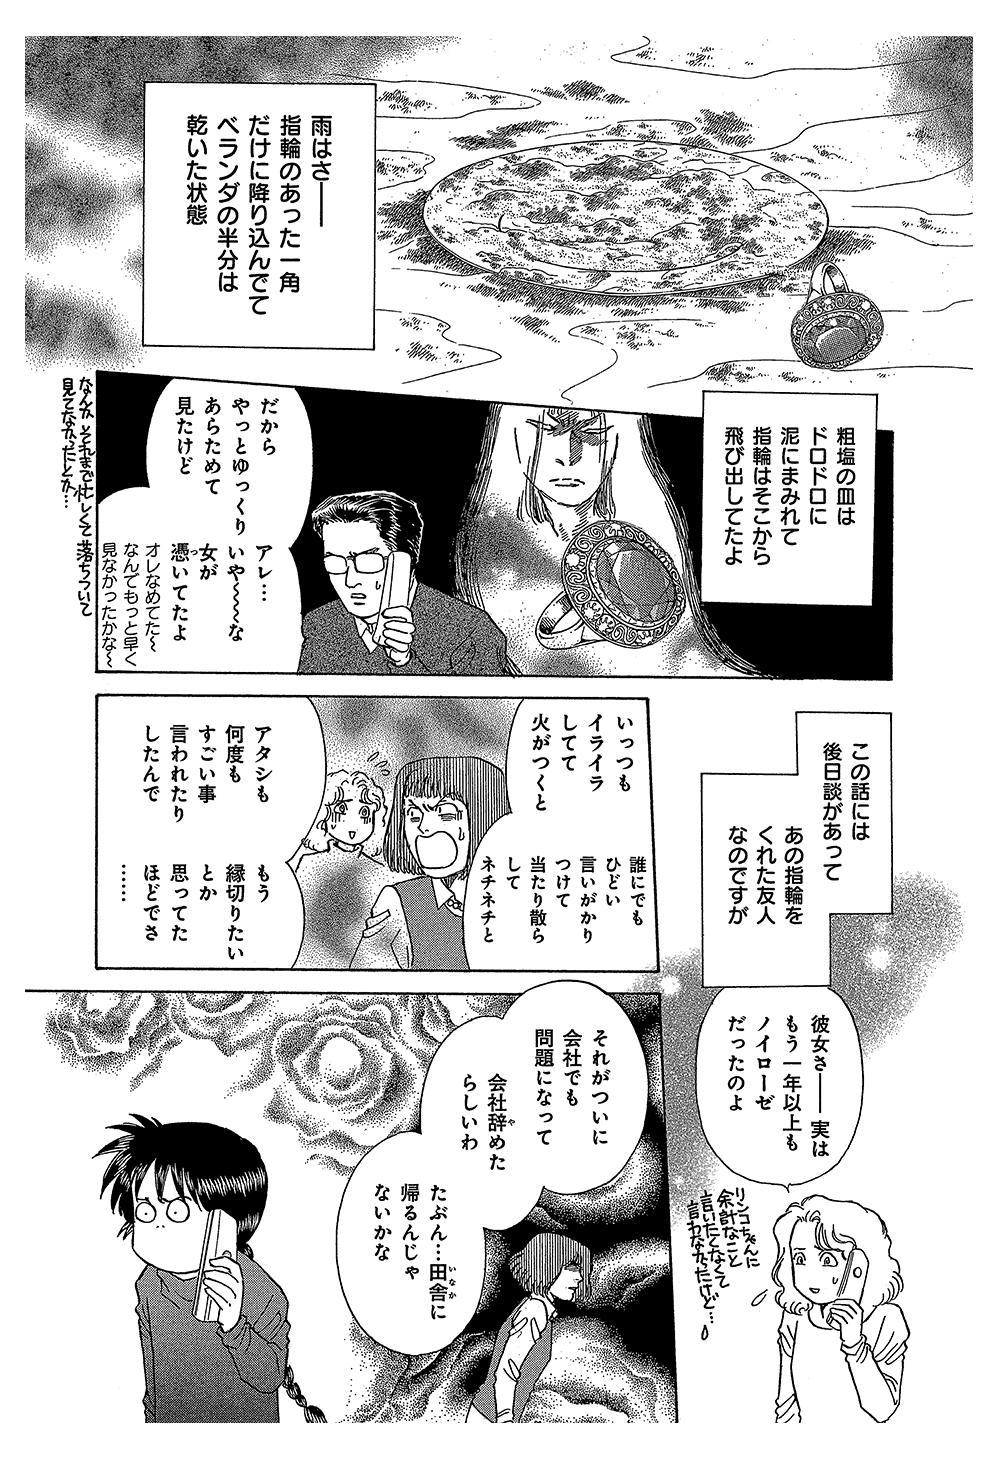 オカルト万華鏡 第1話 ②oka13.jpg